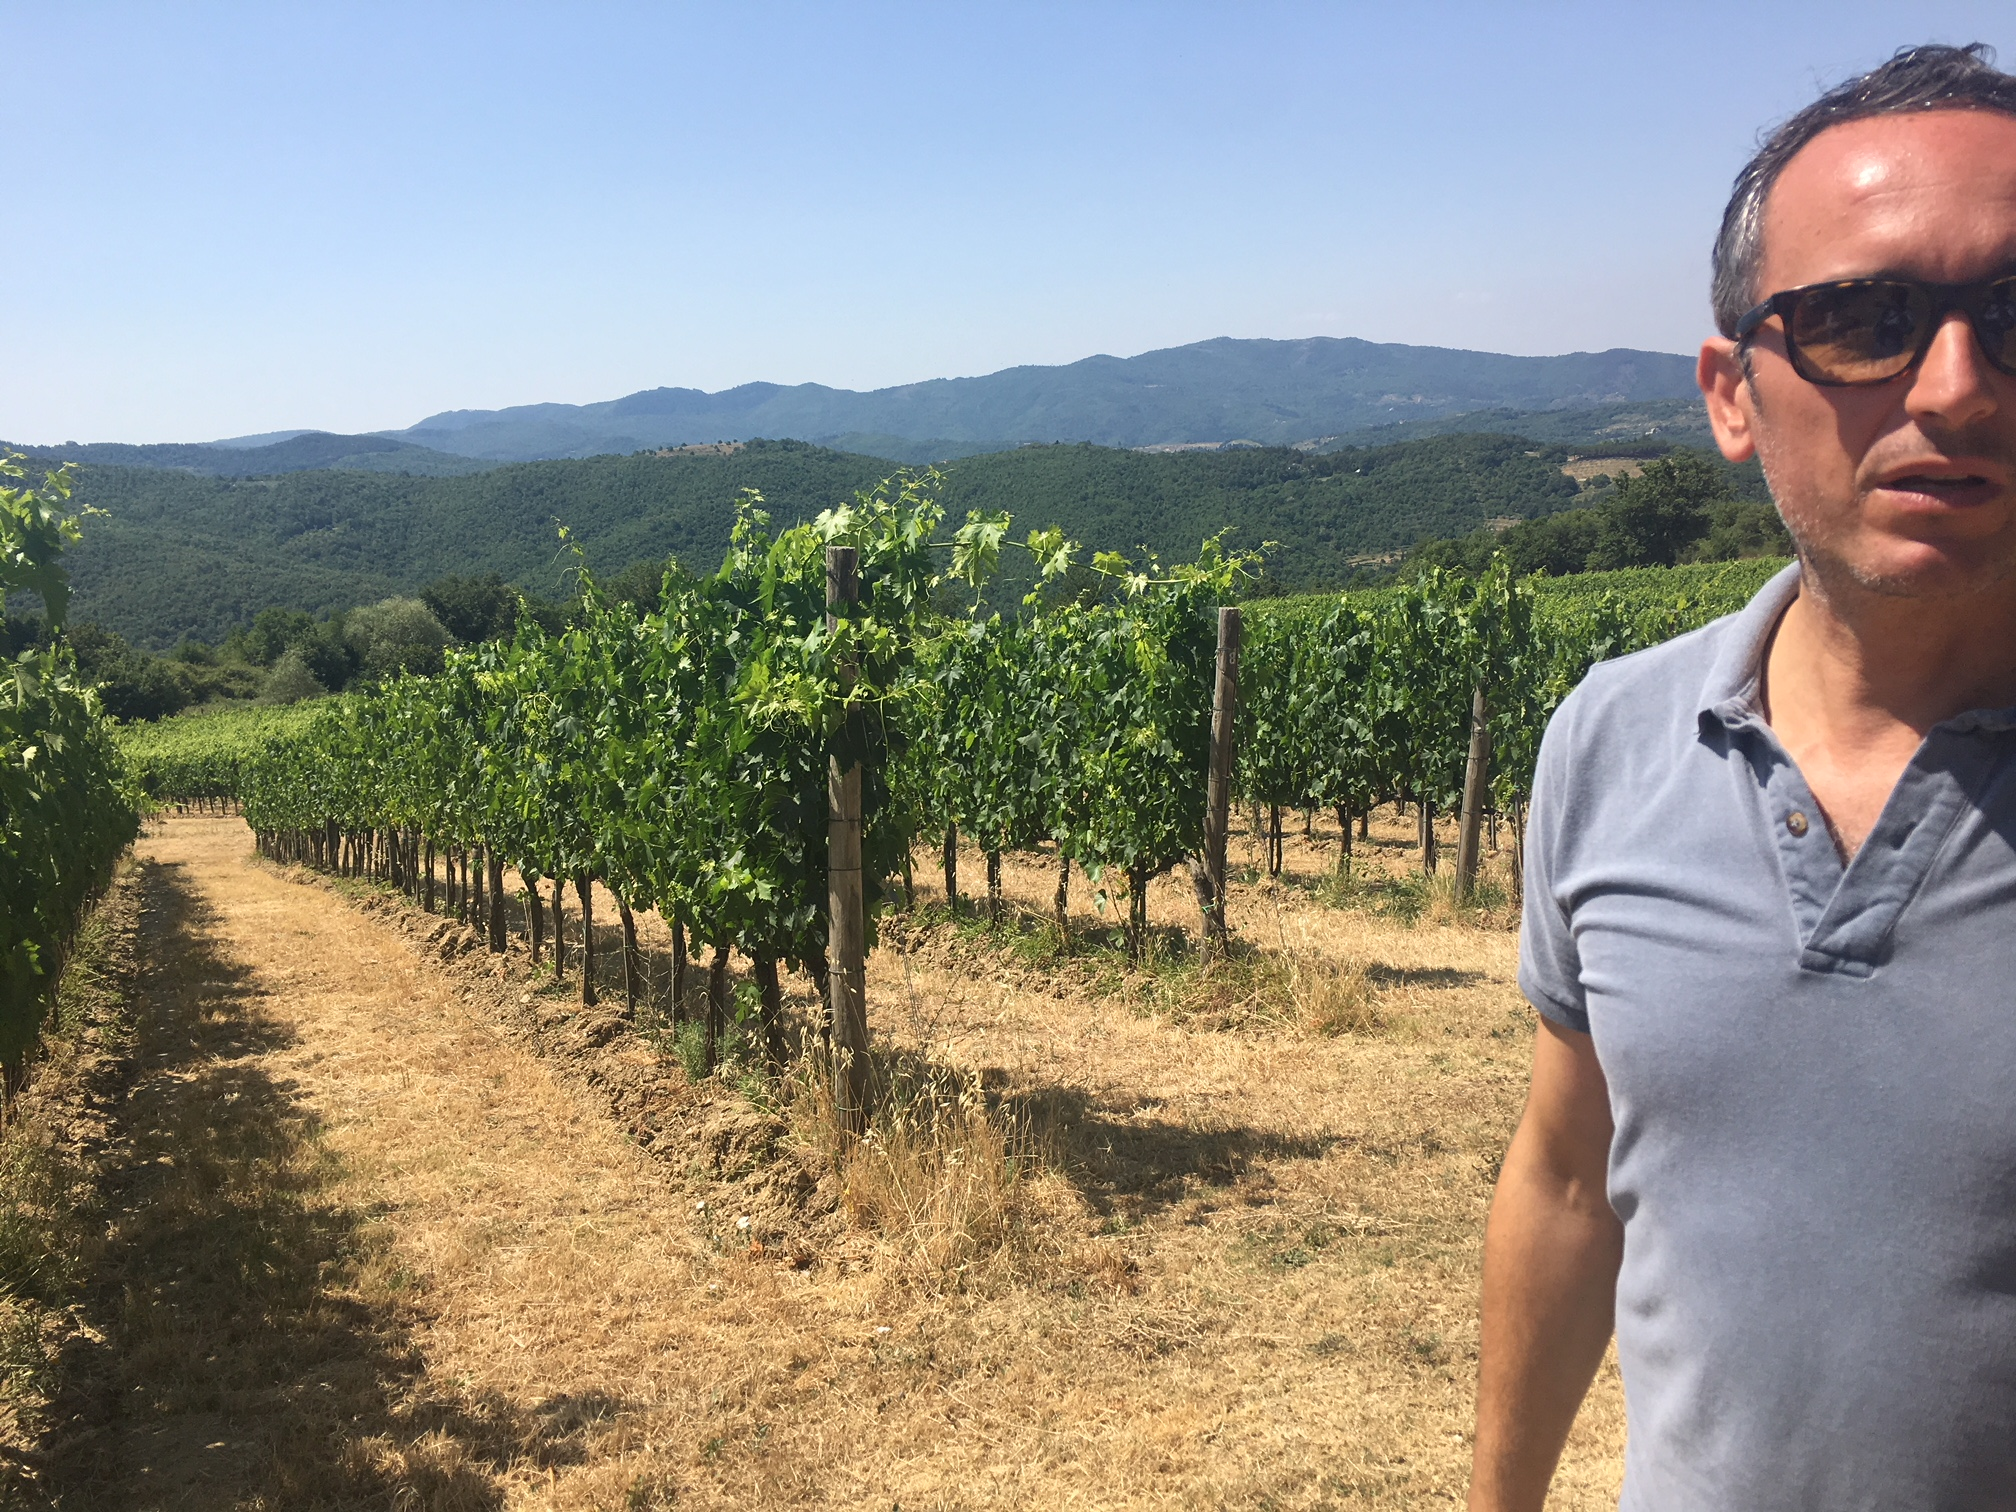 Podere di Pomaio bio wines vineyard